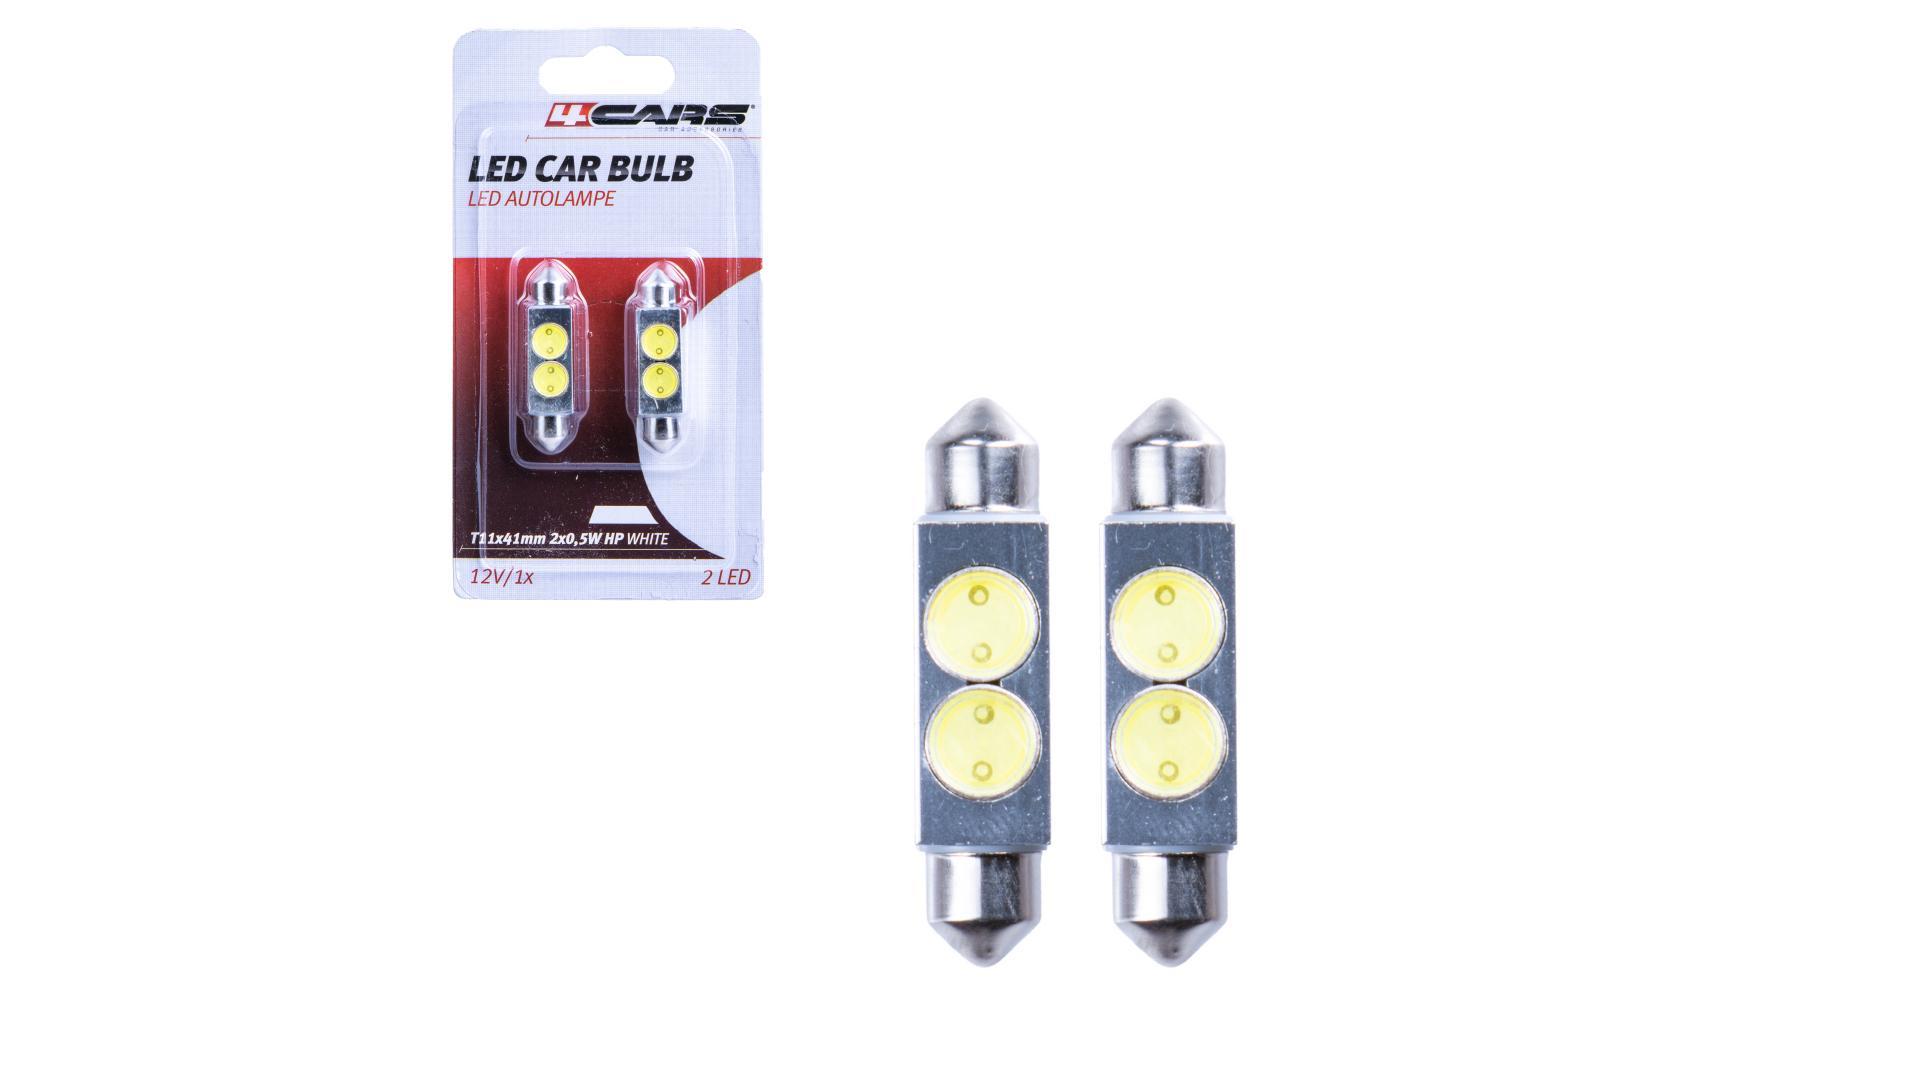 4CARS HQ sada LED žárovek T11X/41MM 2X0.5W HP bílá